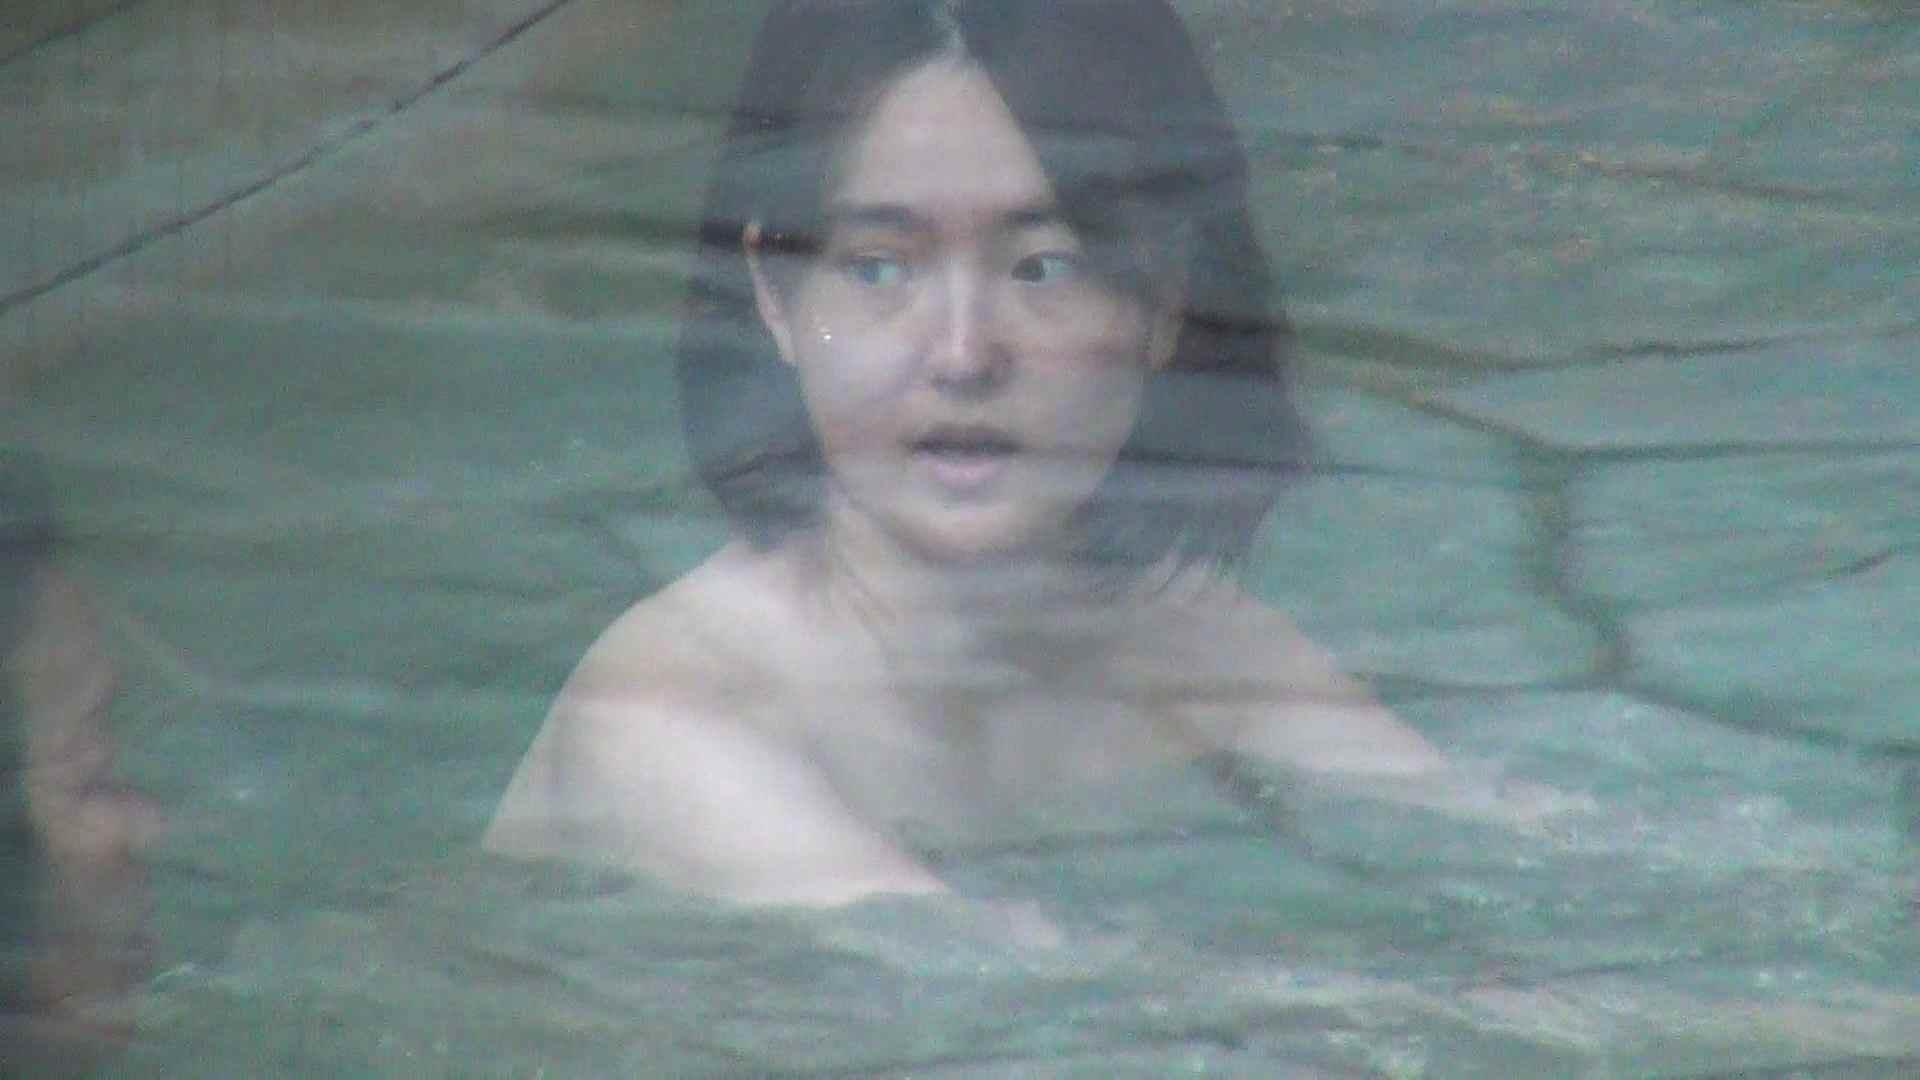 Aquaな露天風呂Vol.297 露天 | 盗撮  103画像 85